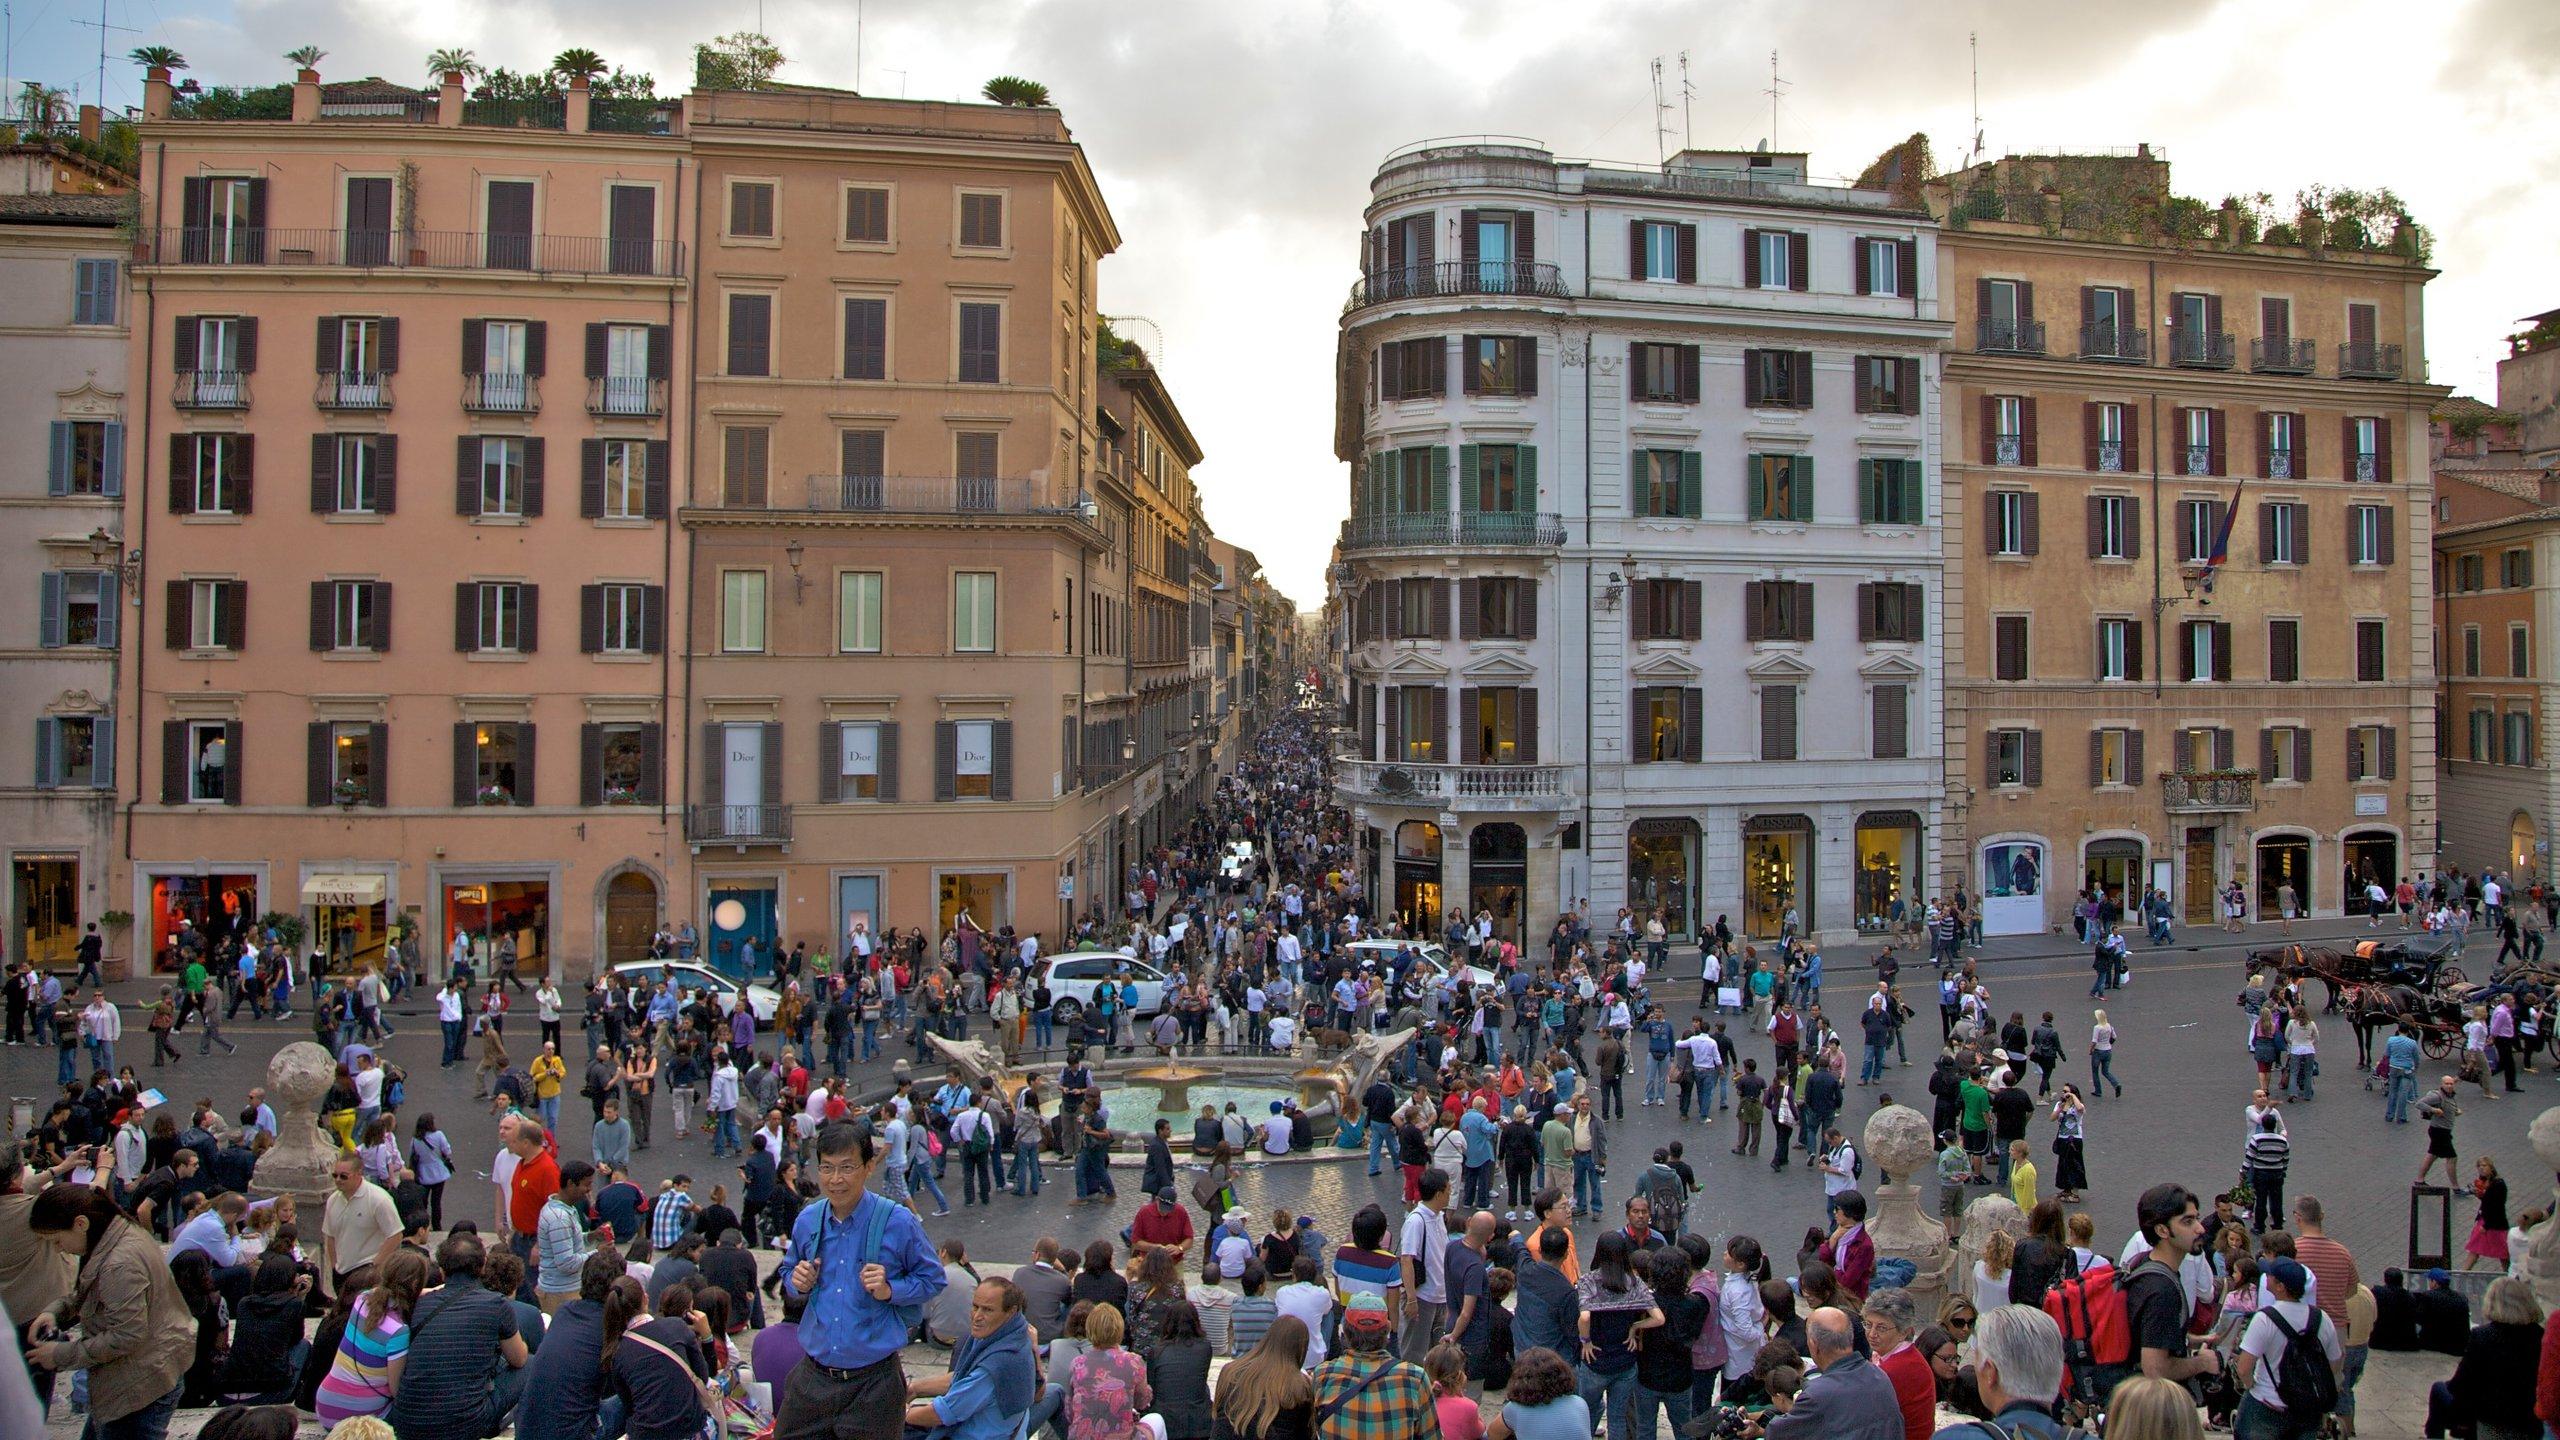 Rione IV Campo Marzio, Rome, Lazio, Italy